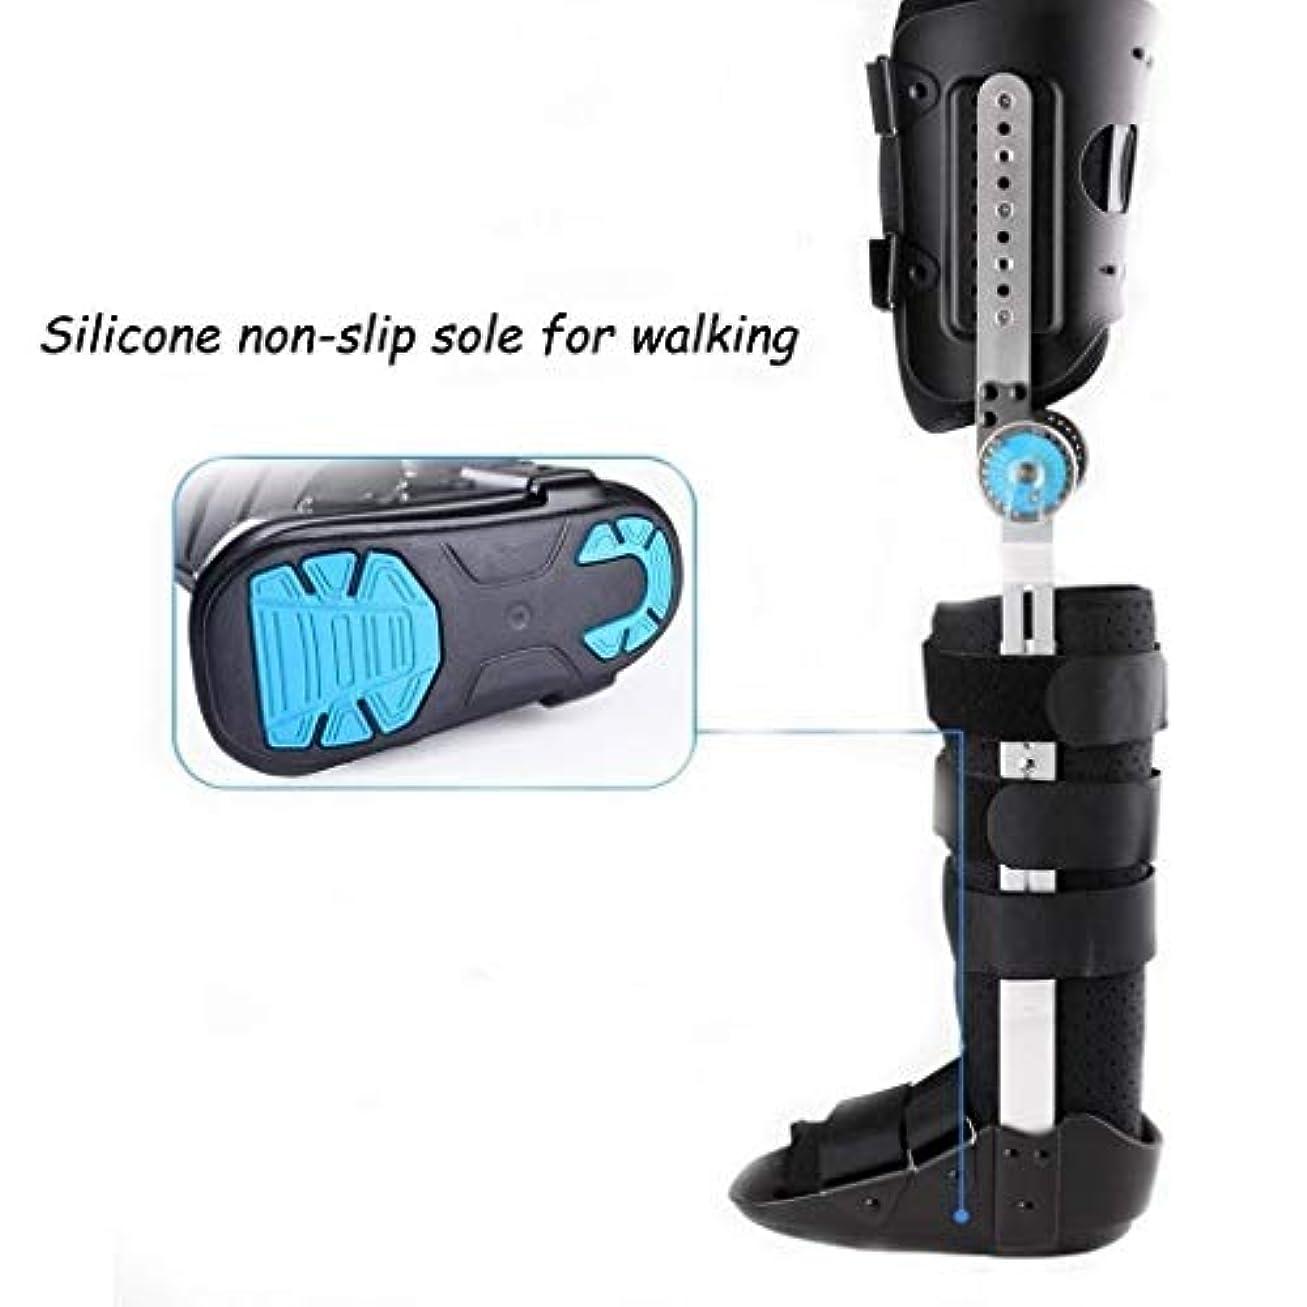 文字慣習真実膝ブレースヒンジ付きヒンジスタビライザー膝関節サポート装具靭帯ケア膝ブレースプロテクター関節炎、術後、メニスカスティア、ACL、MCL、PCL (Color : As Picture, Size : Right-M)